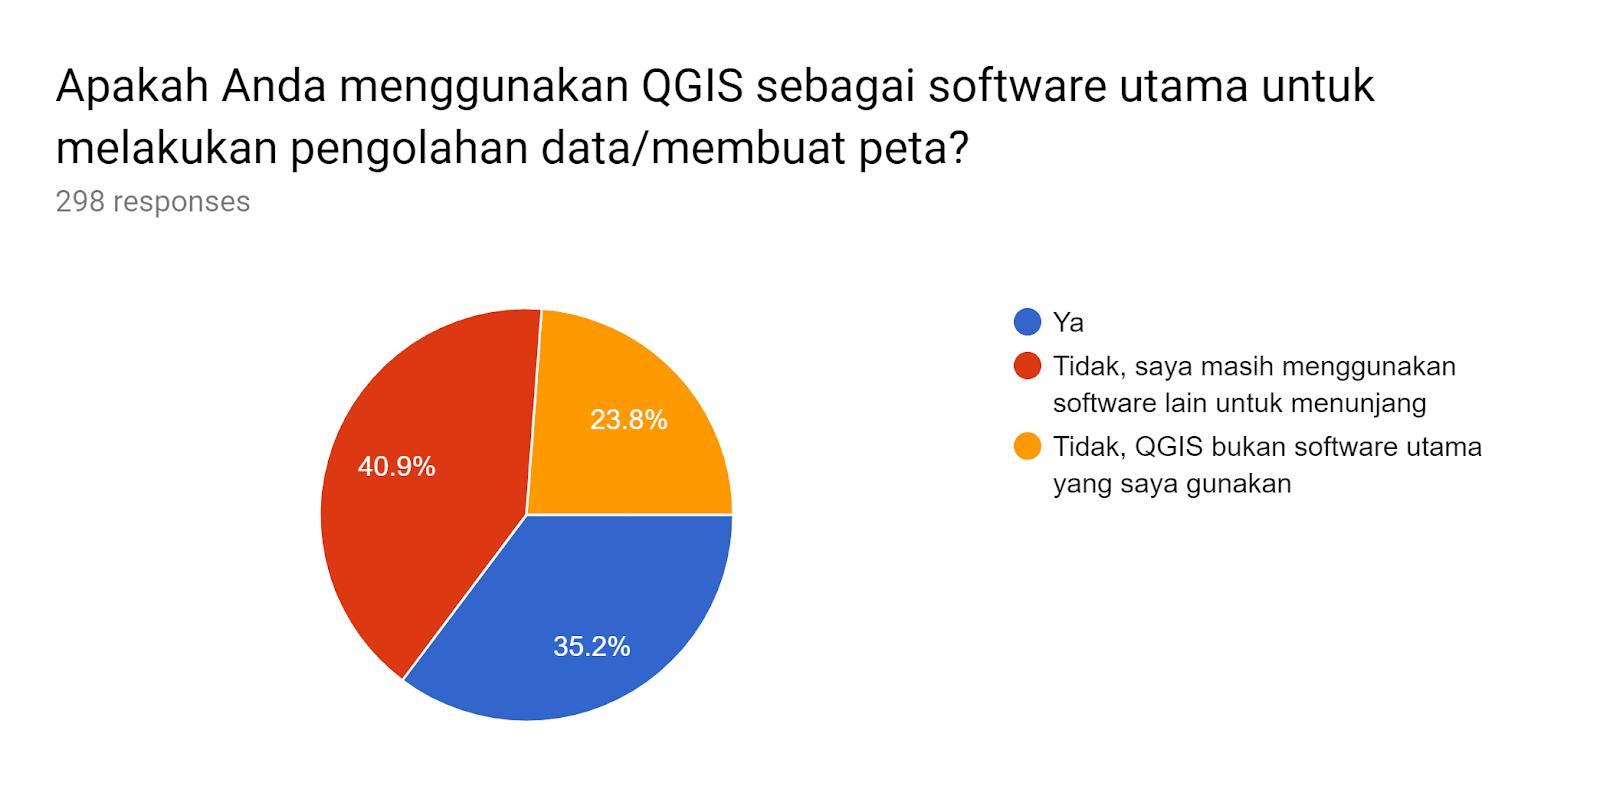 Forms response chart. Question title: Apakah Anda menggunakan QGIS sebagai software utama untuk melakukan pengolahan data/membuat peta?. Number of responses: 298 responses.